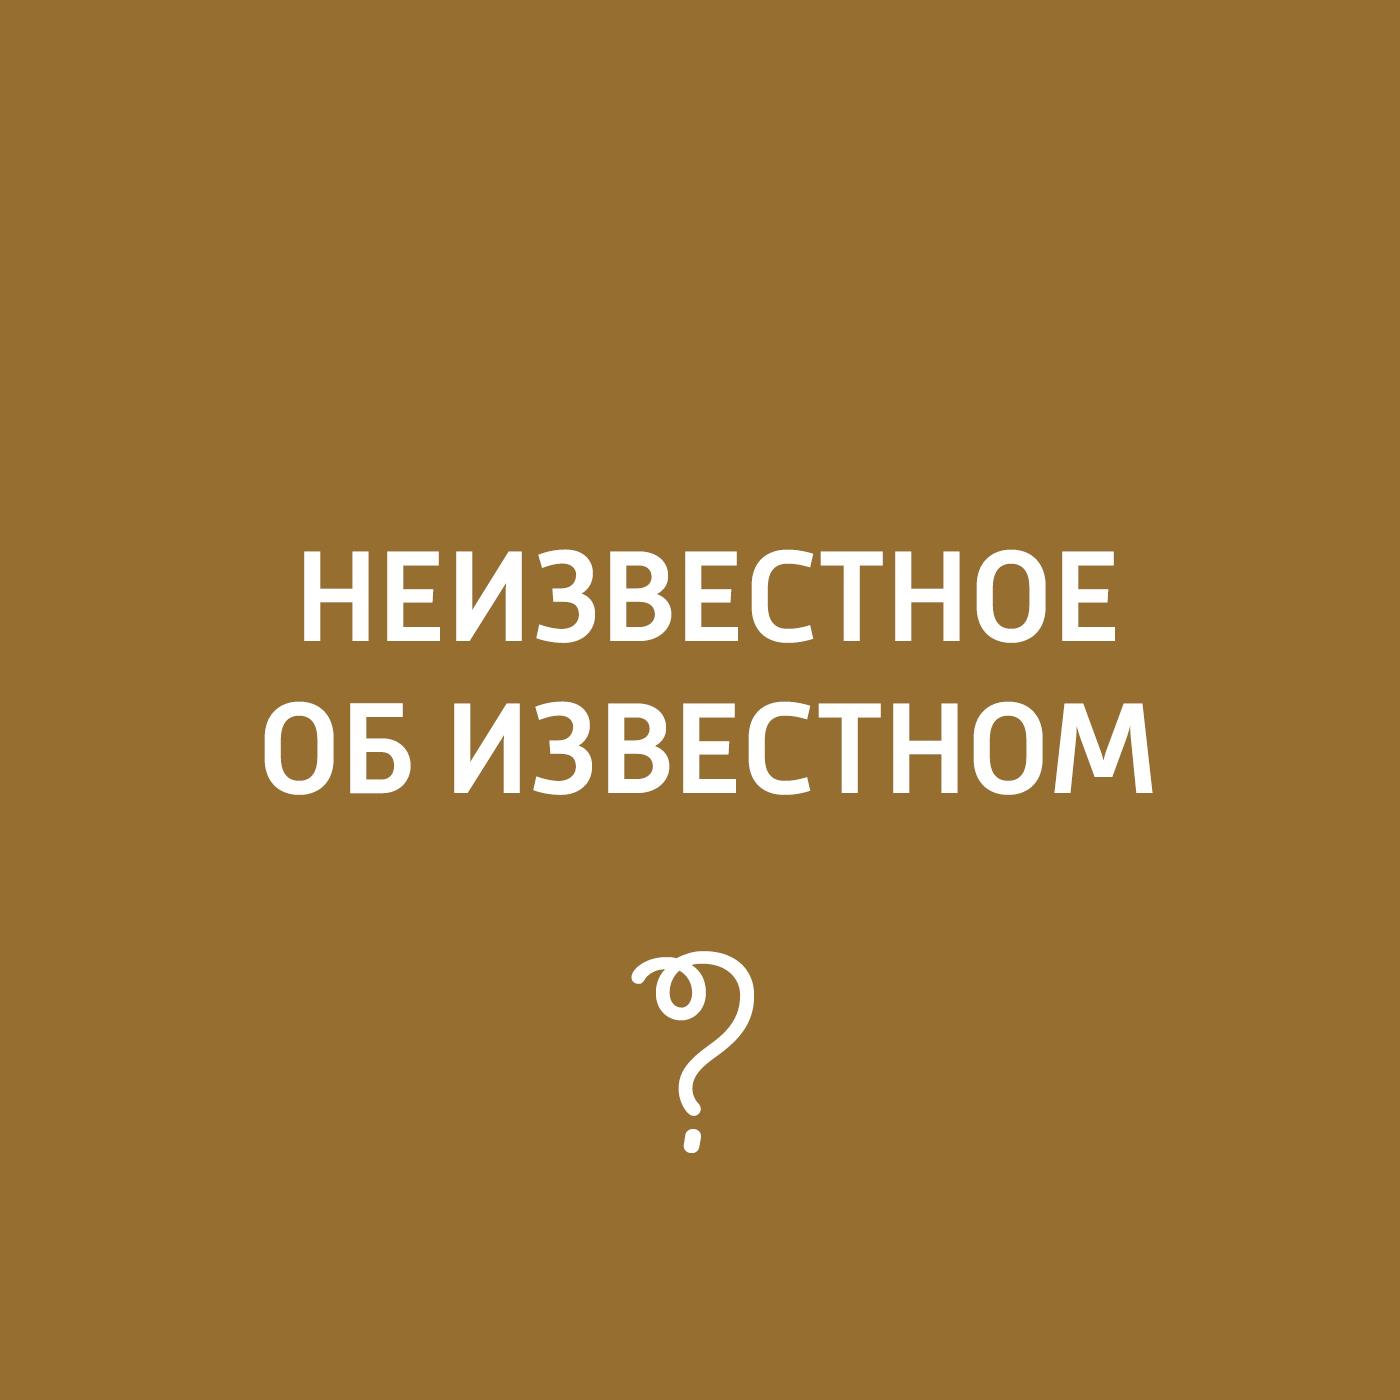 Творческий коллектив программы «Пора домой» Особняки Московского модерна борис кириков архитектура петербургского модерна особняки и доходные дома